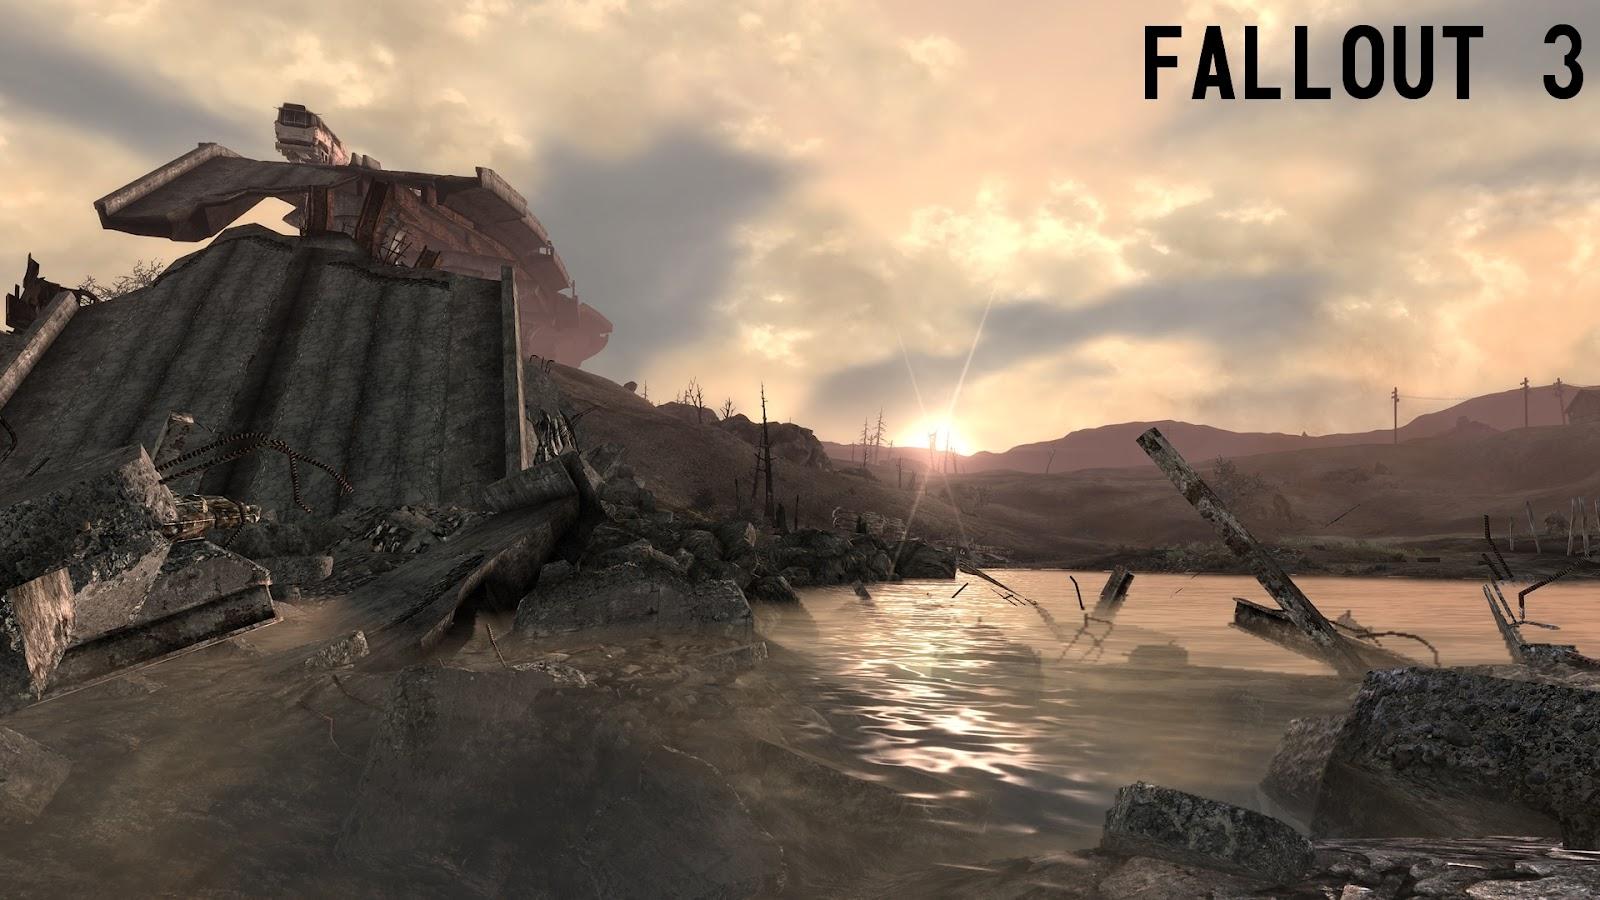 Fallout 4 1080p Wallpaper - WallpaperSafari